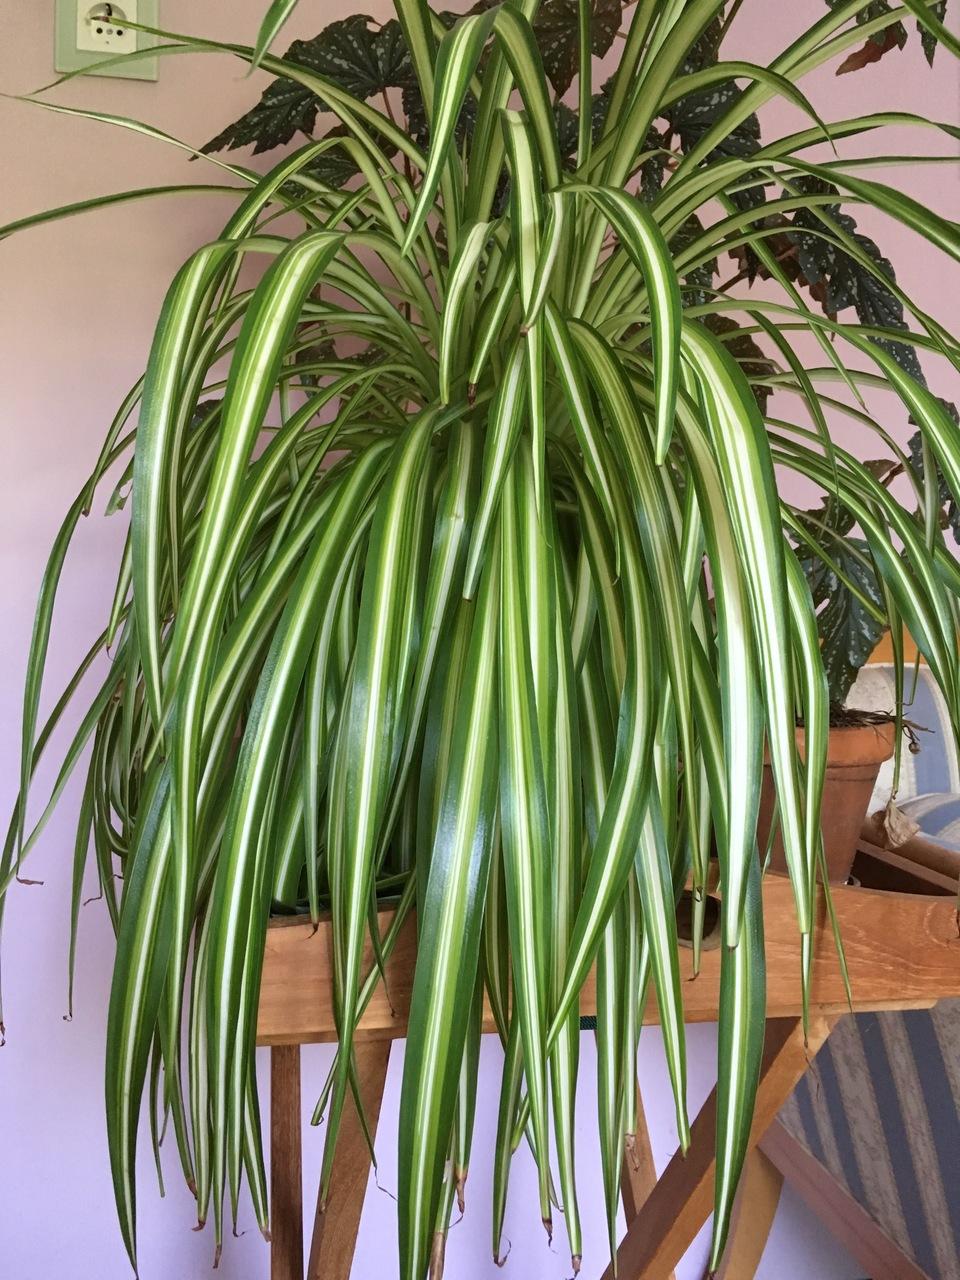 pflegeleichte zimmerpflanzen die auch ohne gr nen daumen wachsen. Black Bedroom Furniture Sets. Home Design Ideas